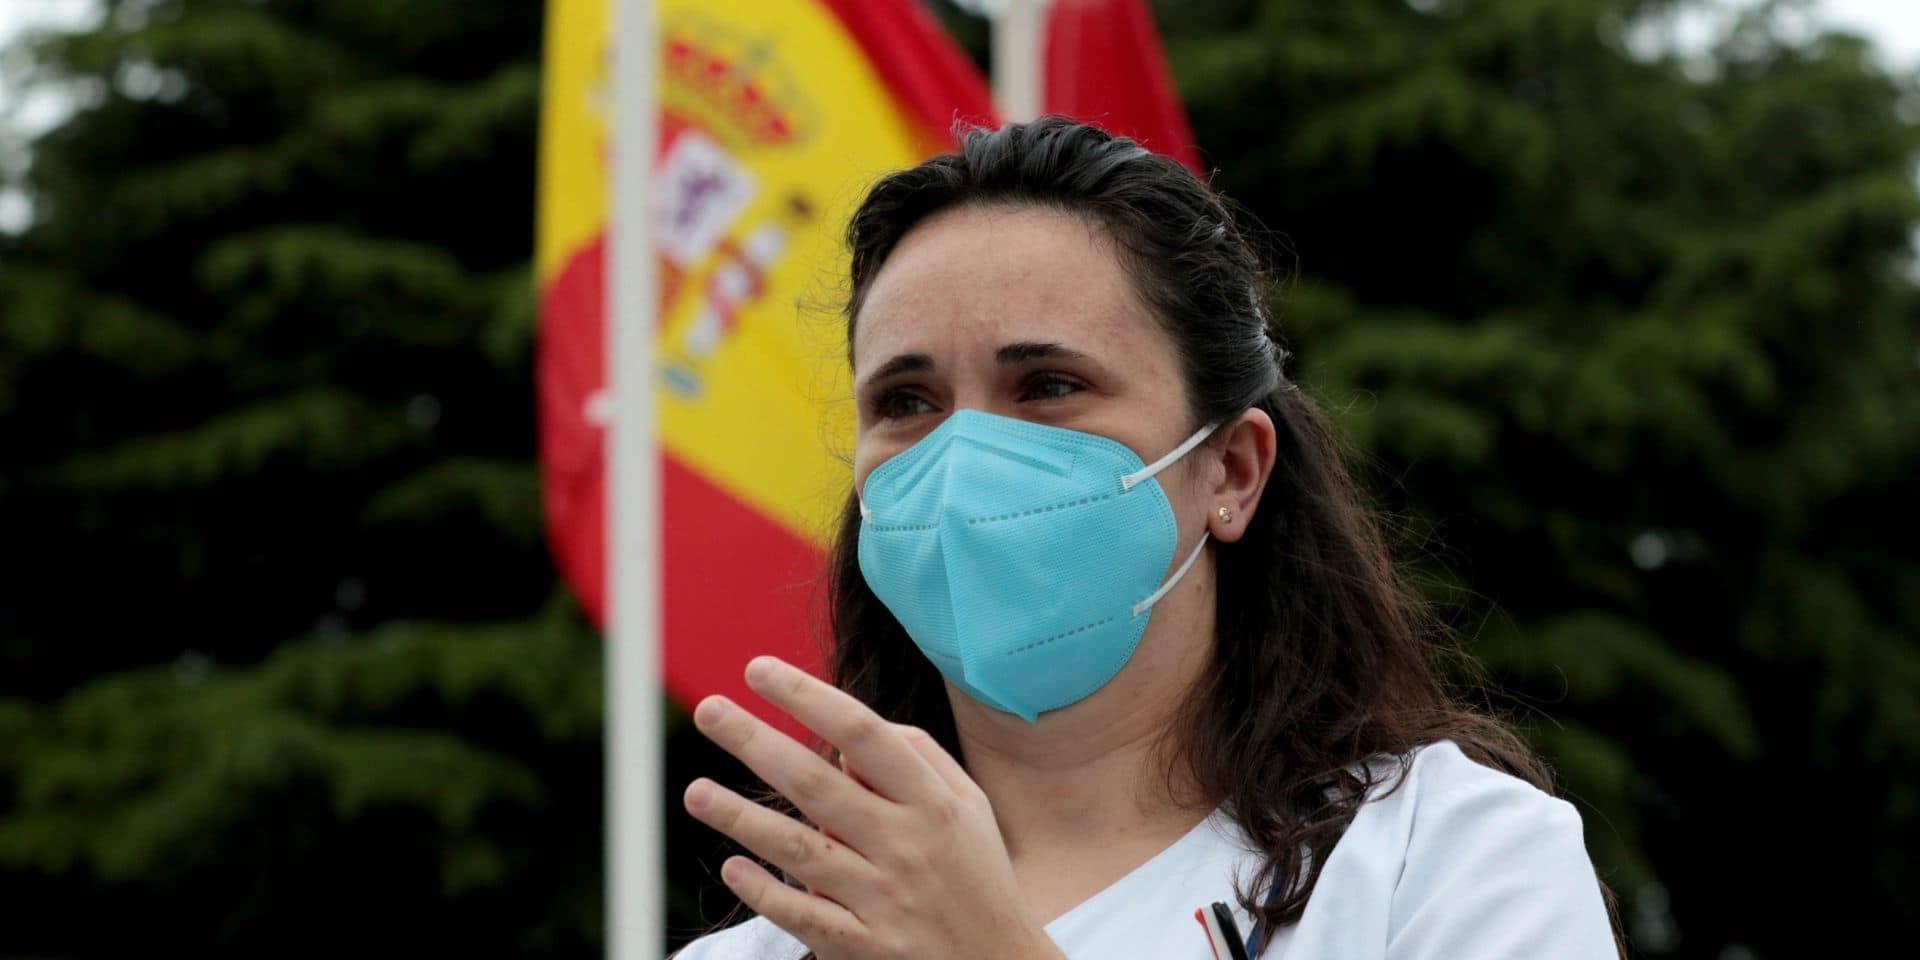 Espagne: un hommage national aux victimes du coronavirus prévu prochainement